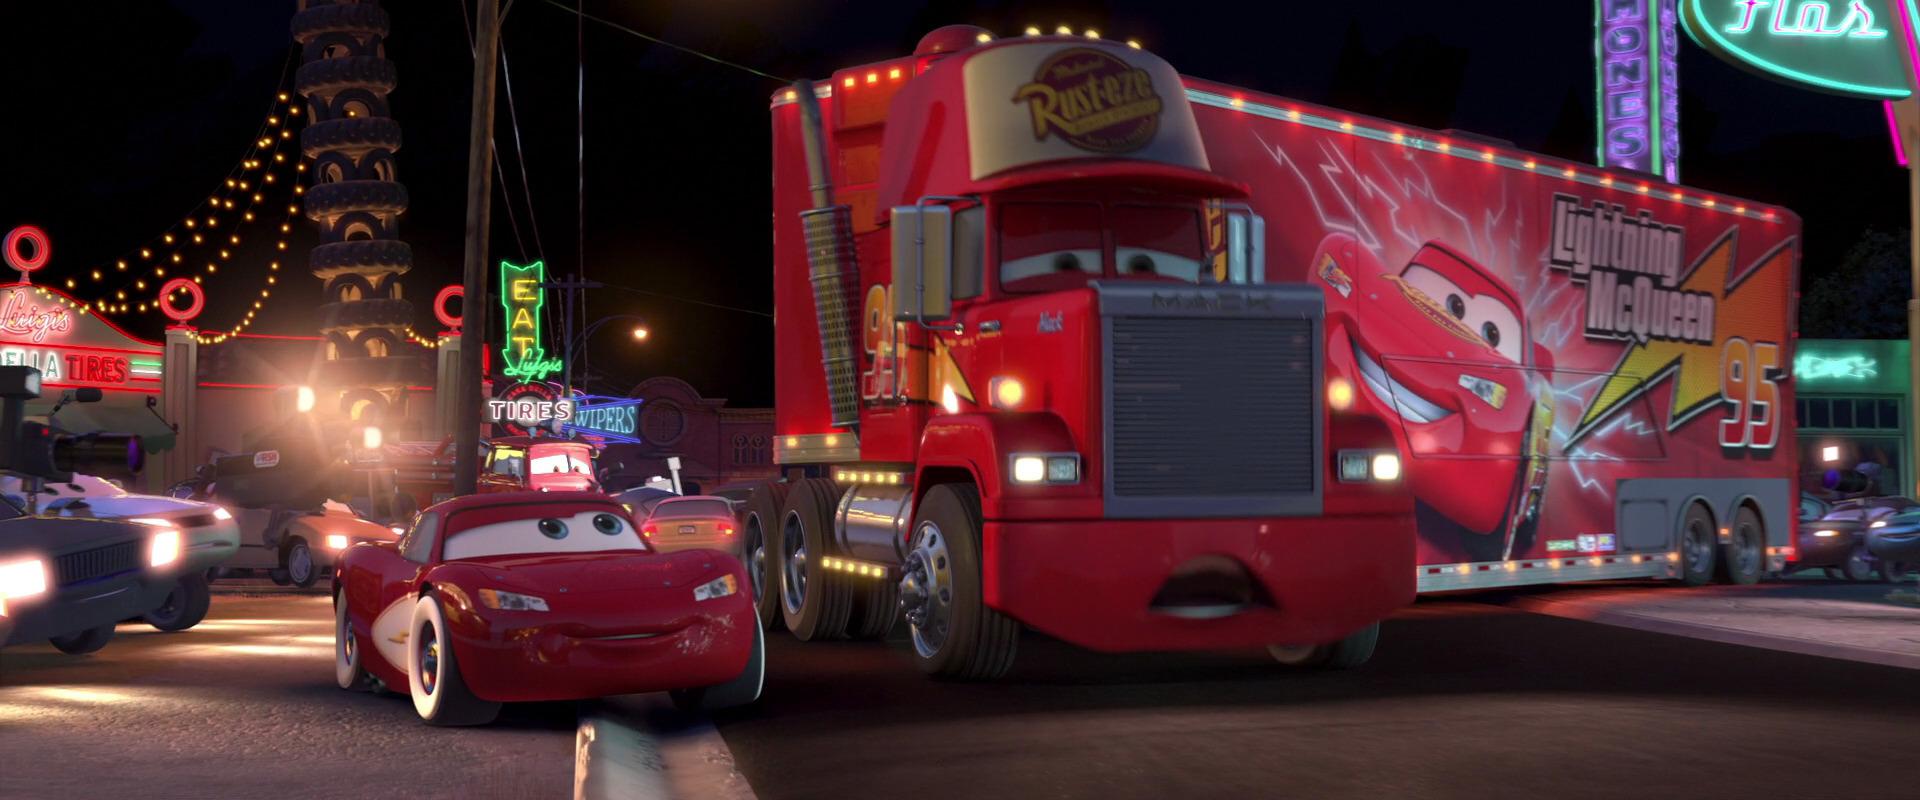 Image - Cars-disneyscreencaps.com-10433.jpg | Disney Wiki | FANDOM ...